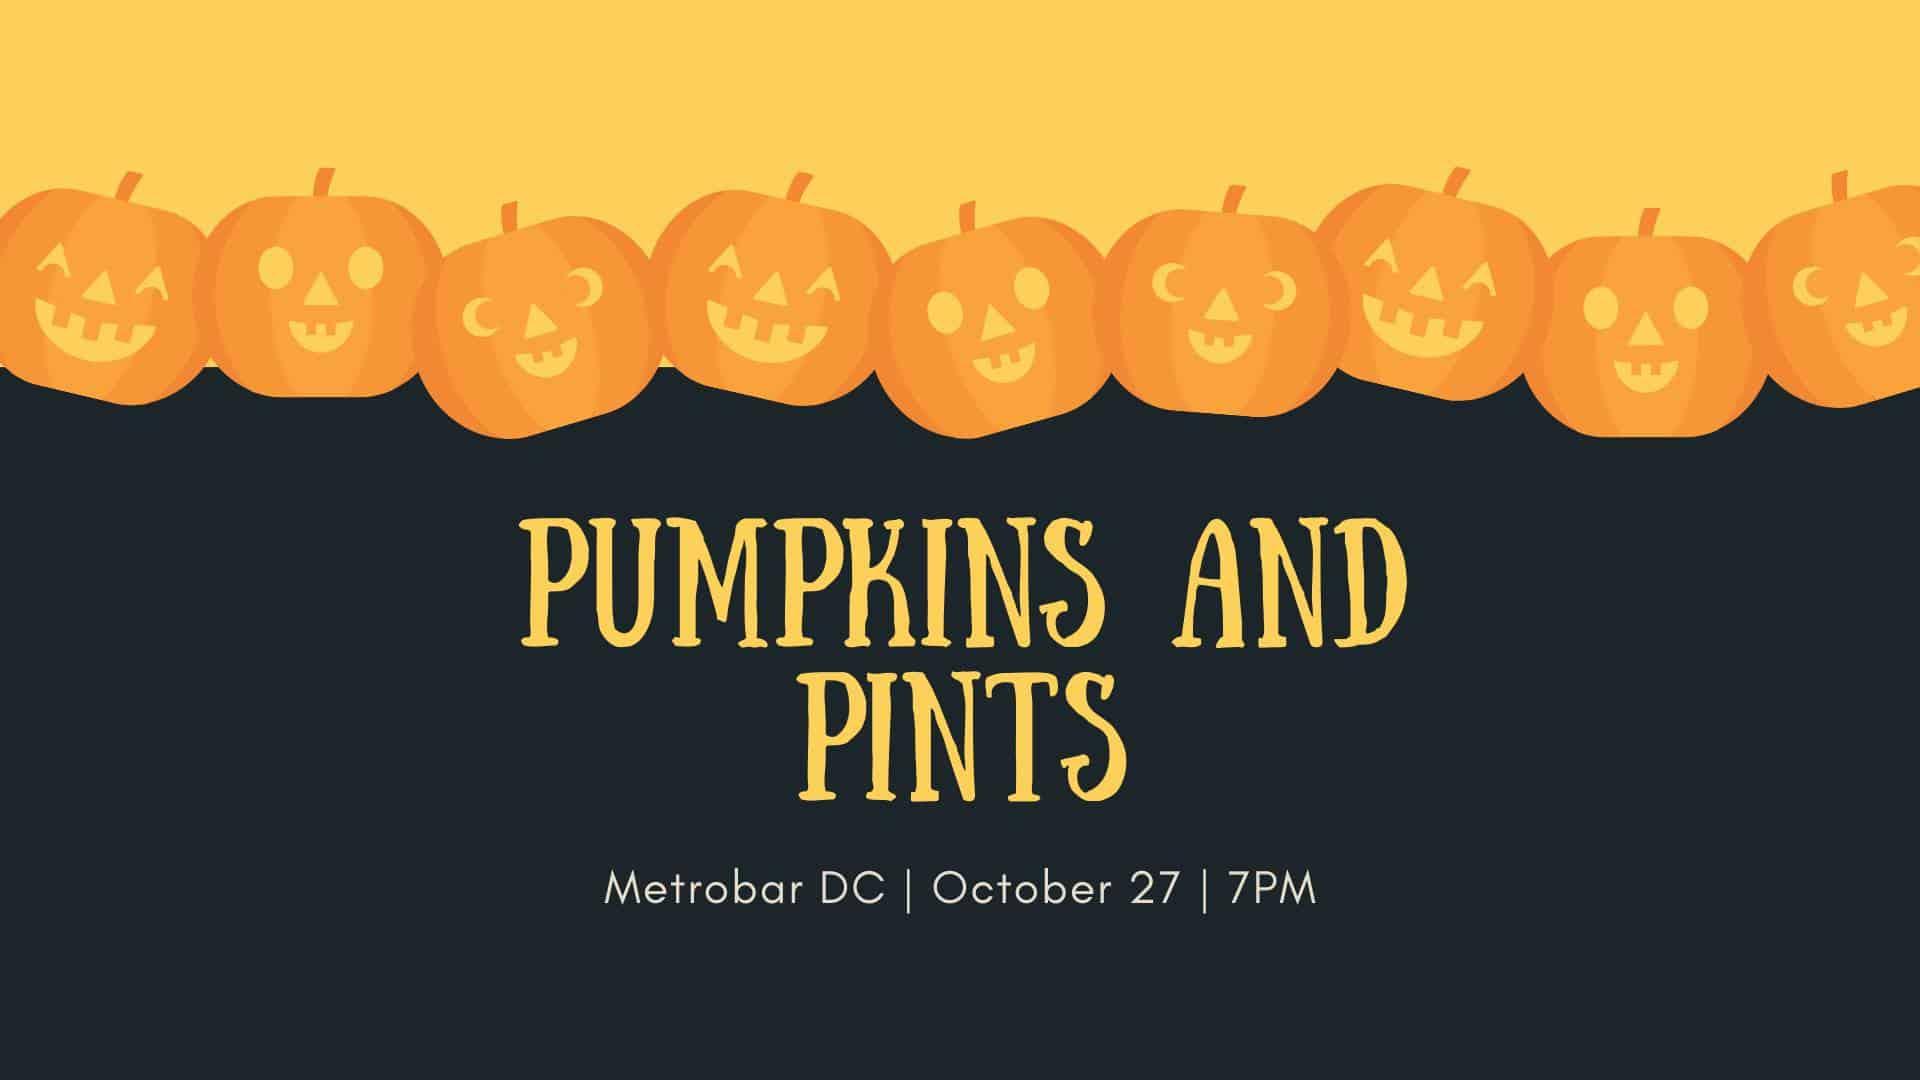 Pumpkins and Pints